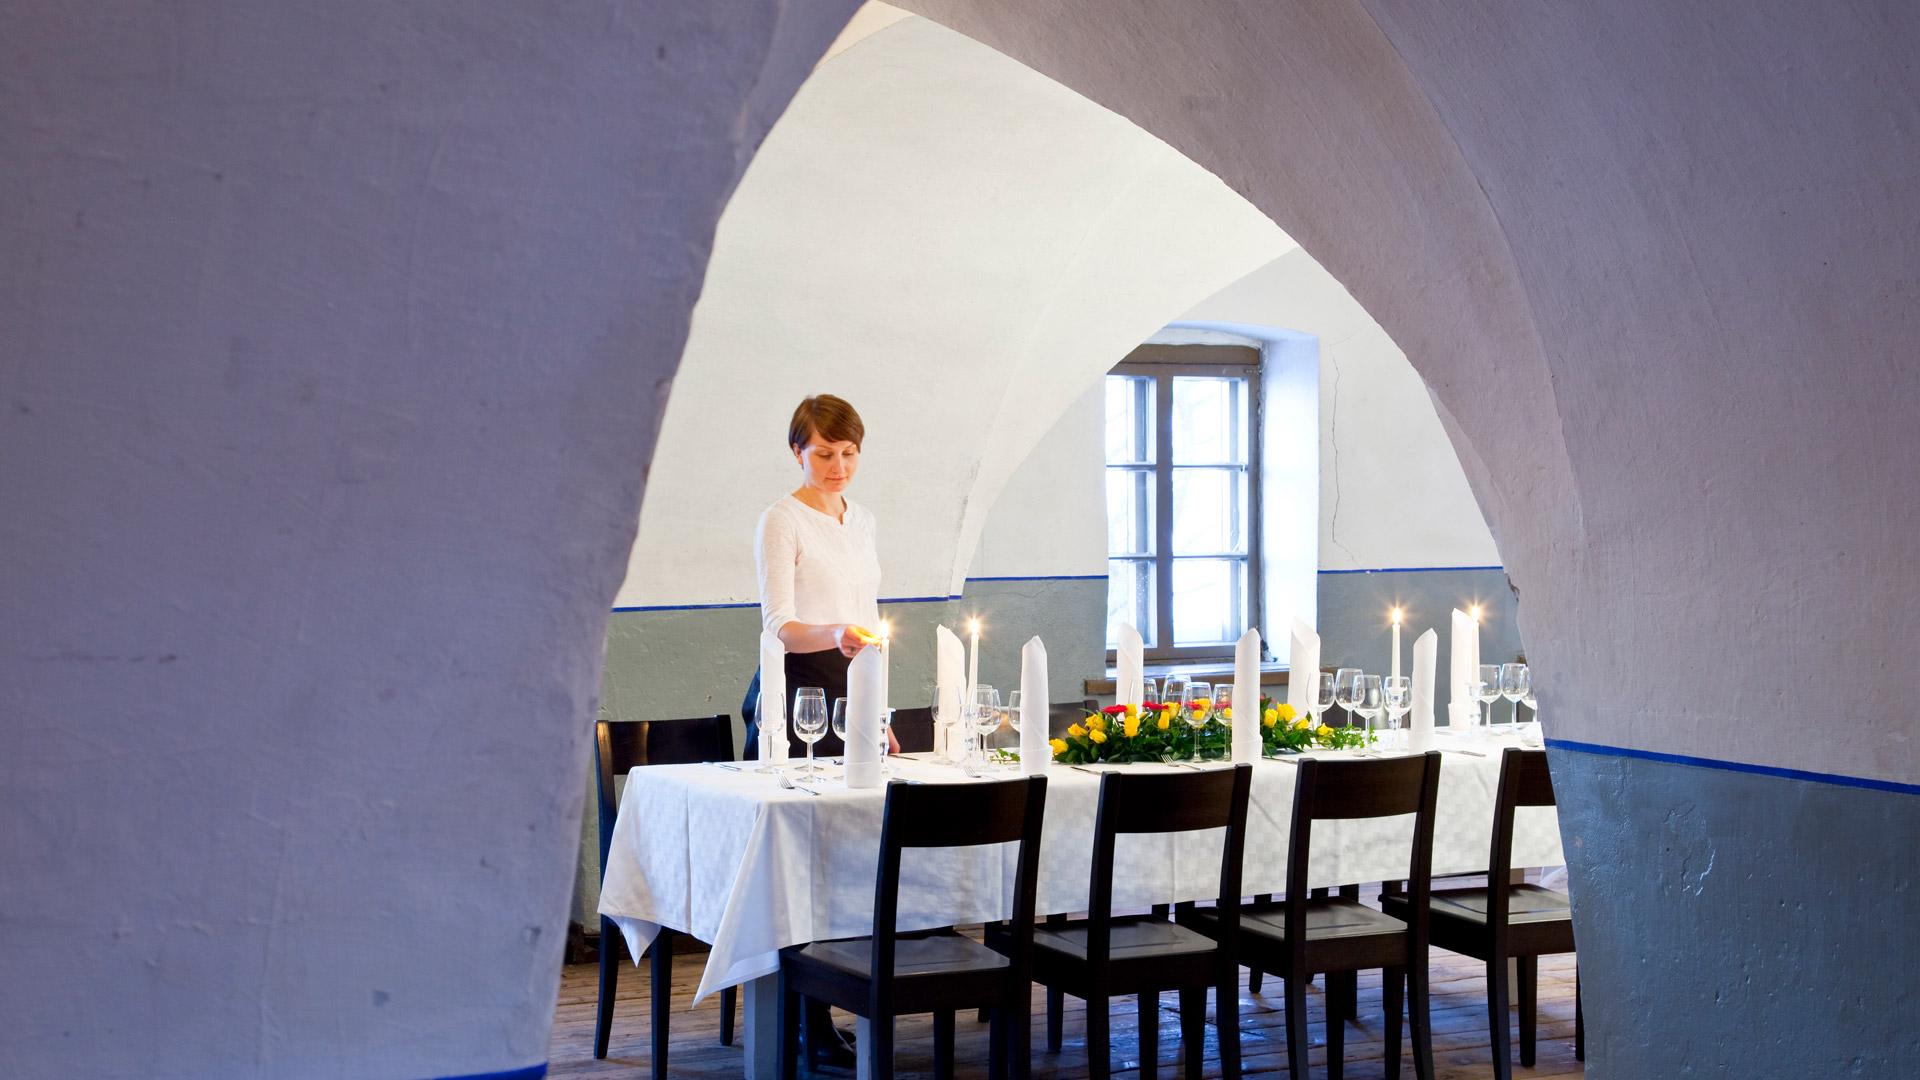 Suomenlinnan pirunkirkko